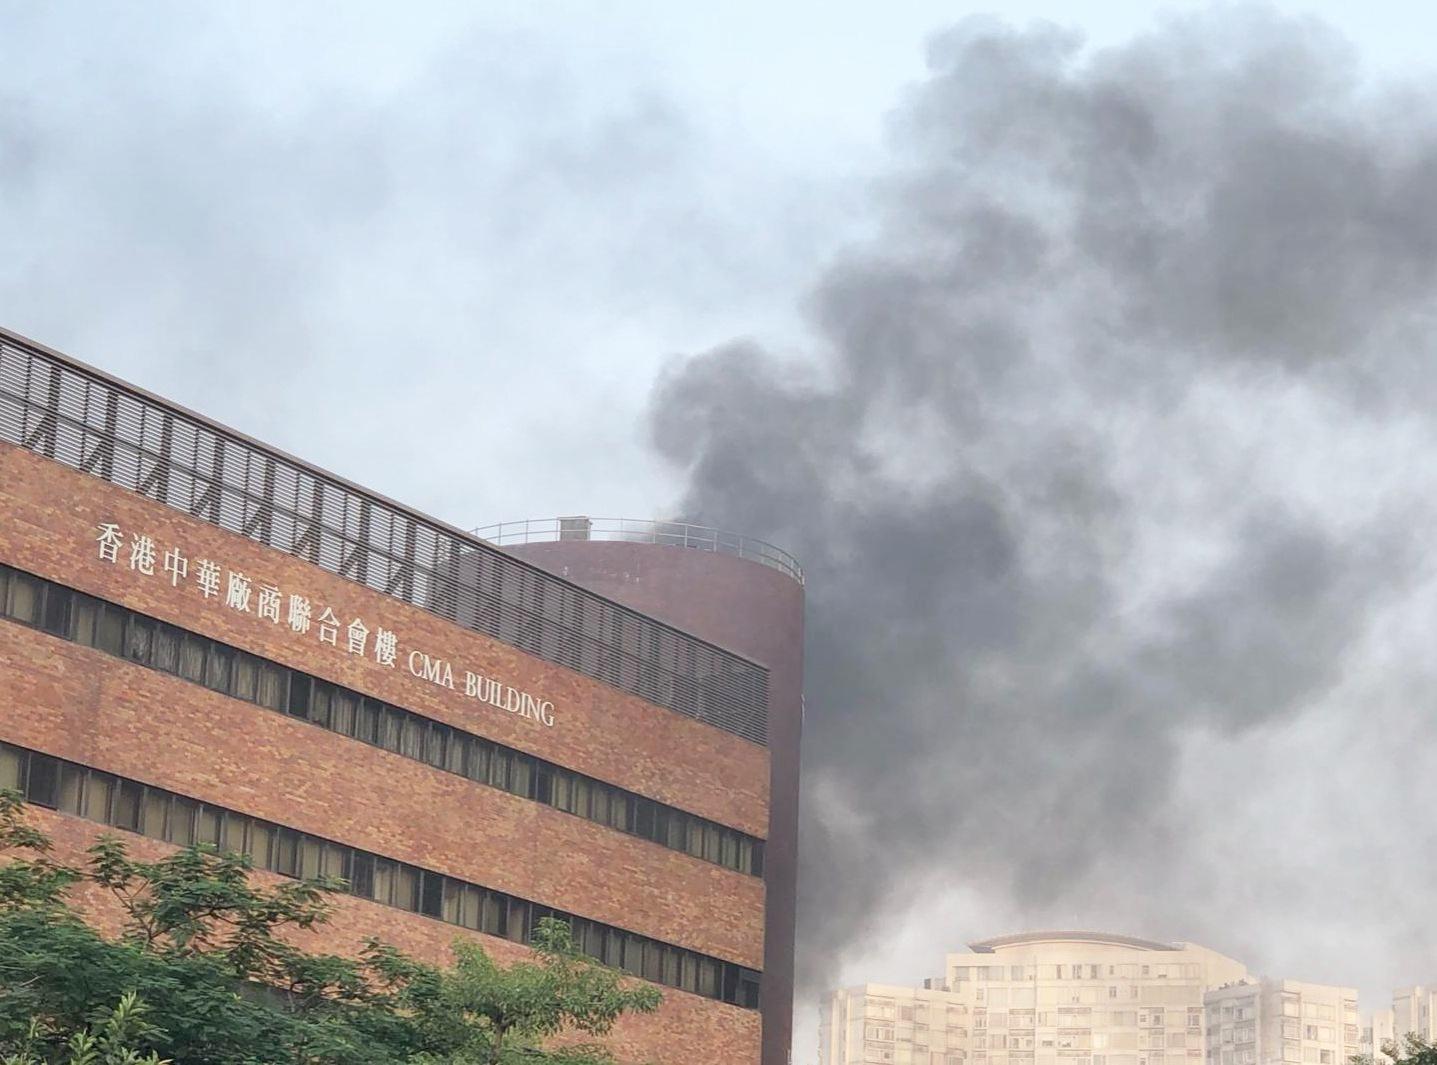 【修例风波】理大香港中华厂商联合会楼起火 传出多下爆炸声